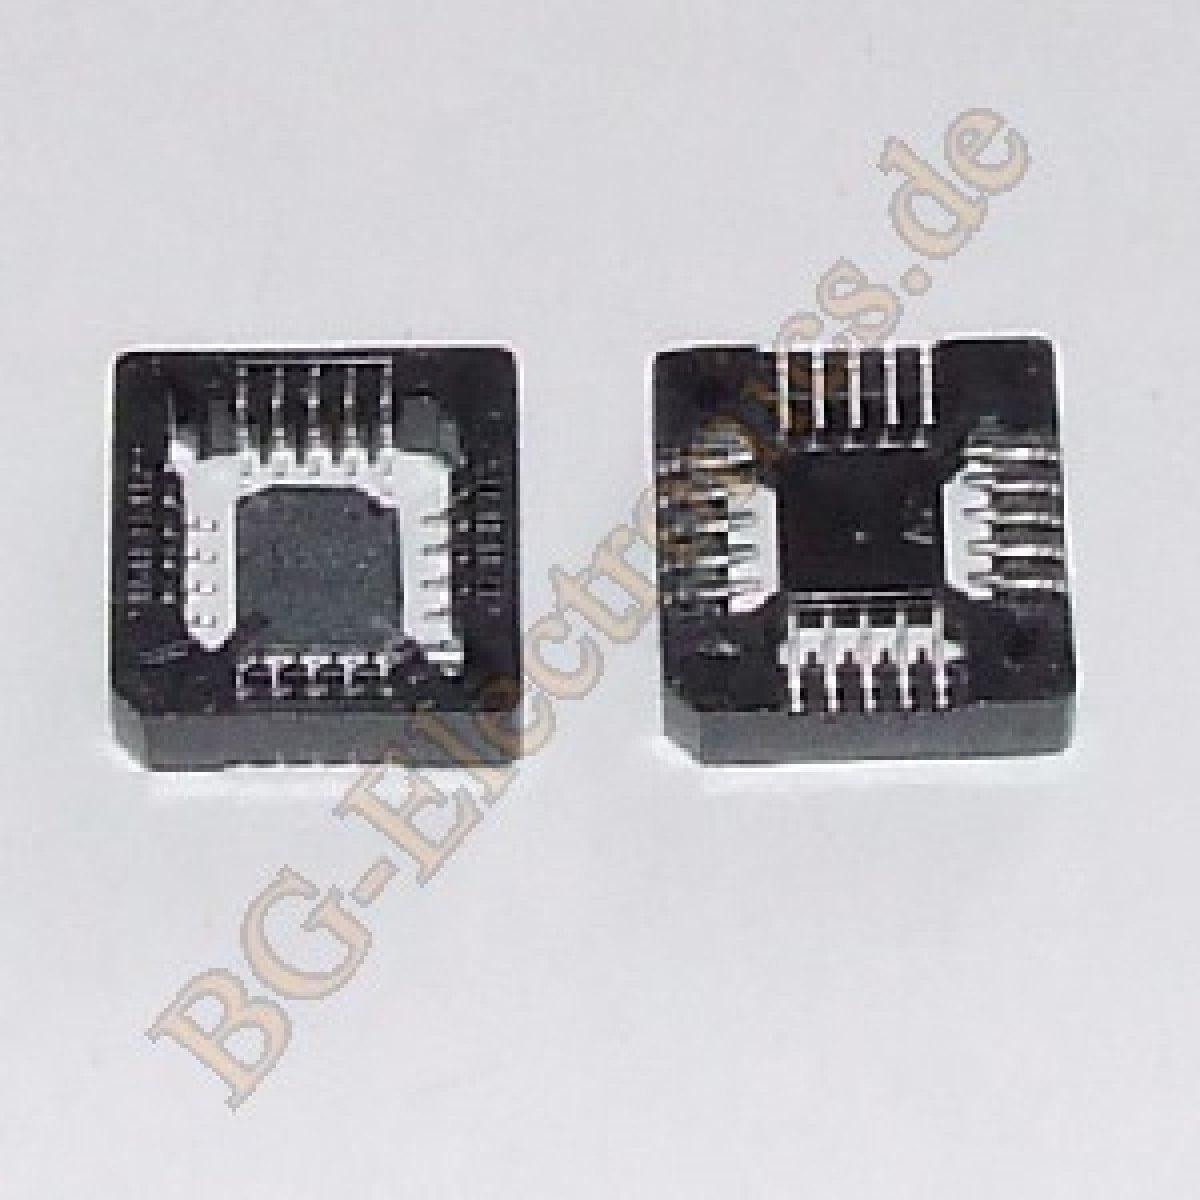 5 x PLCC 44PIN Stecksockel 44 PIN PLCC Fassung PLCC 44PIN  PLCC-44 5pcs